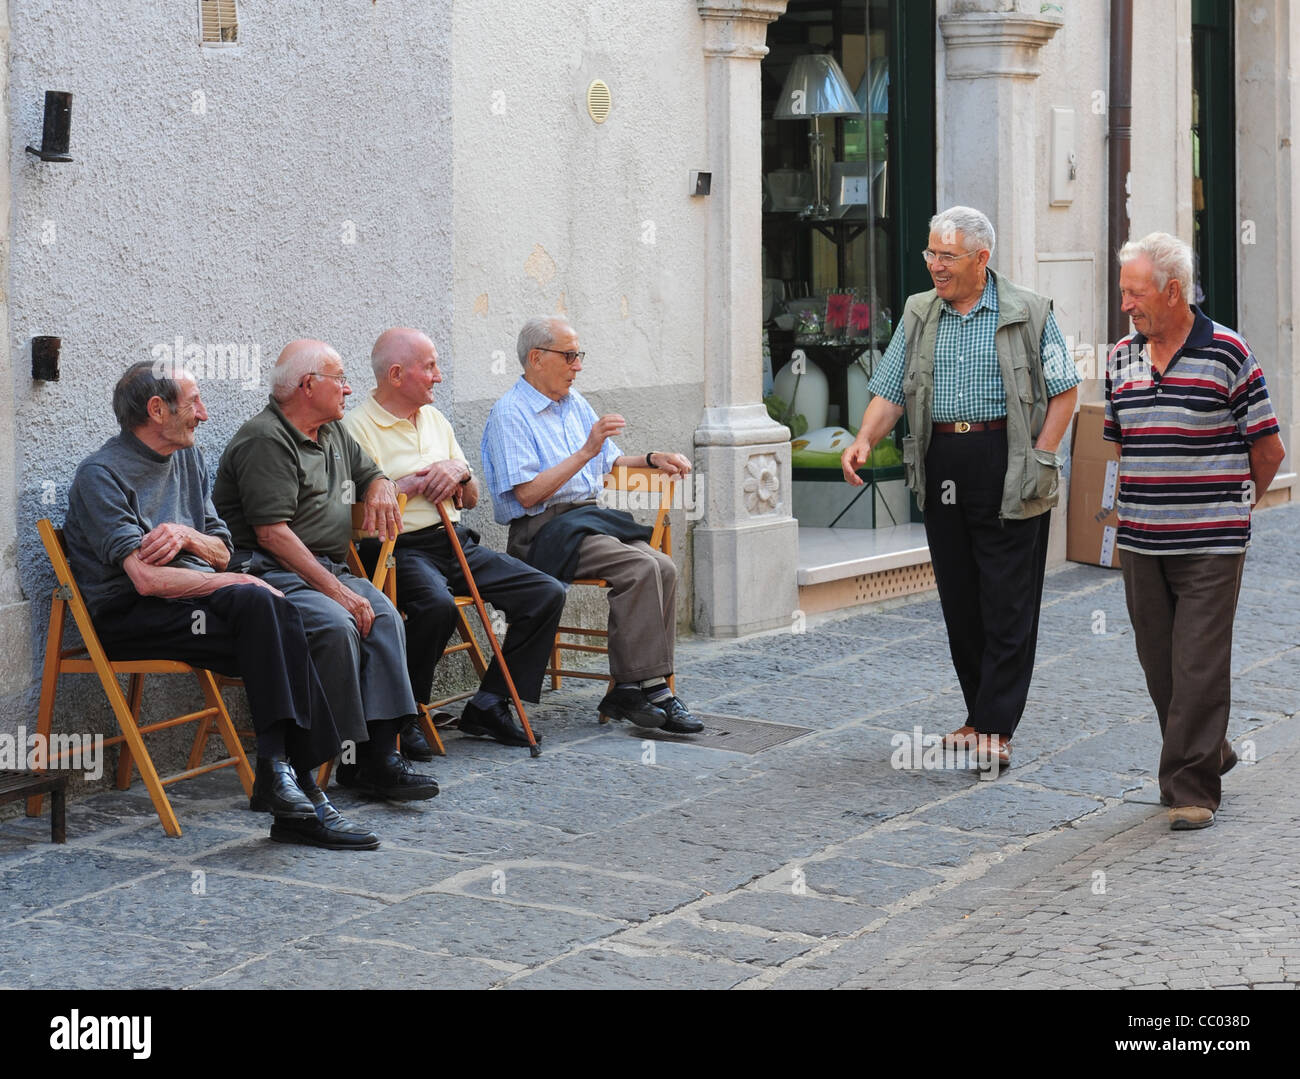 europe-eu-italy-italia-pensioners-retire